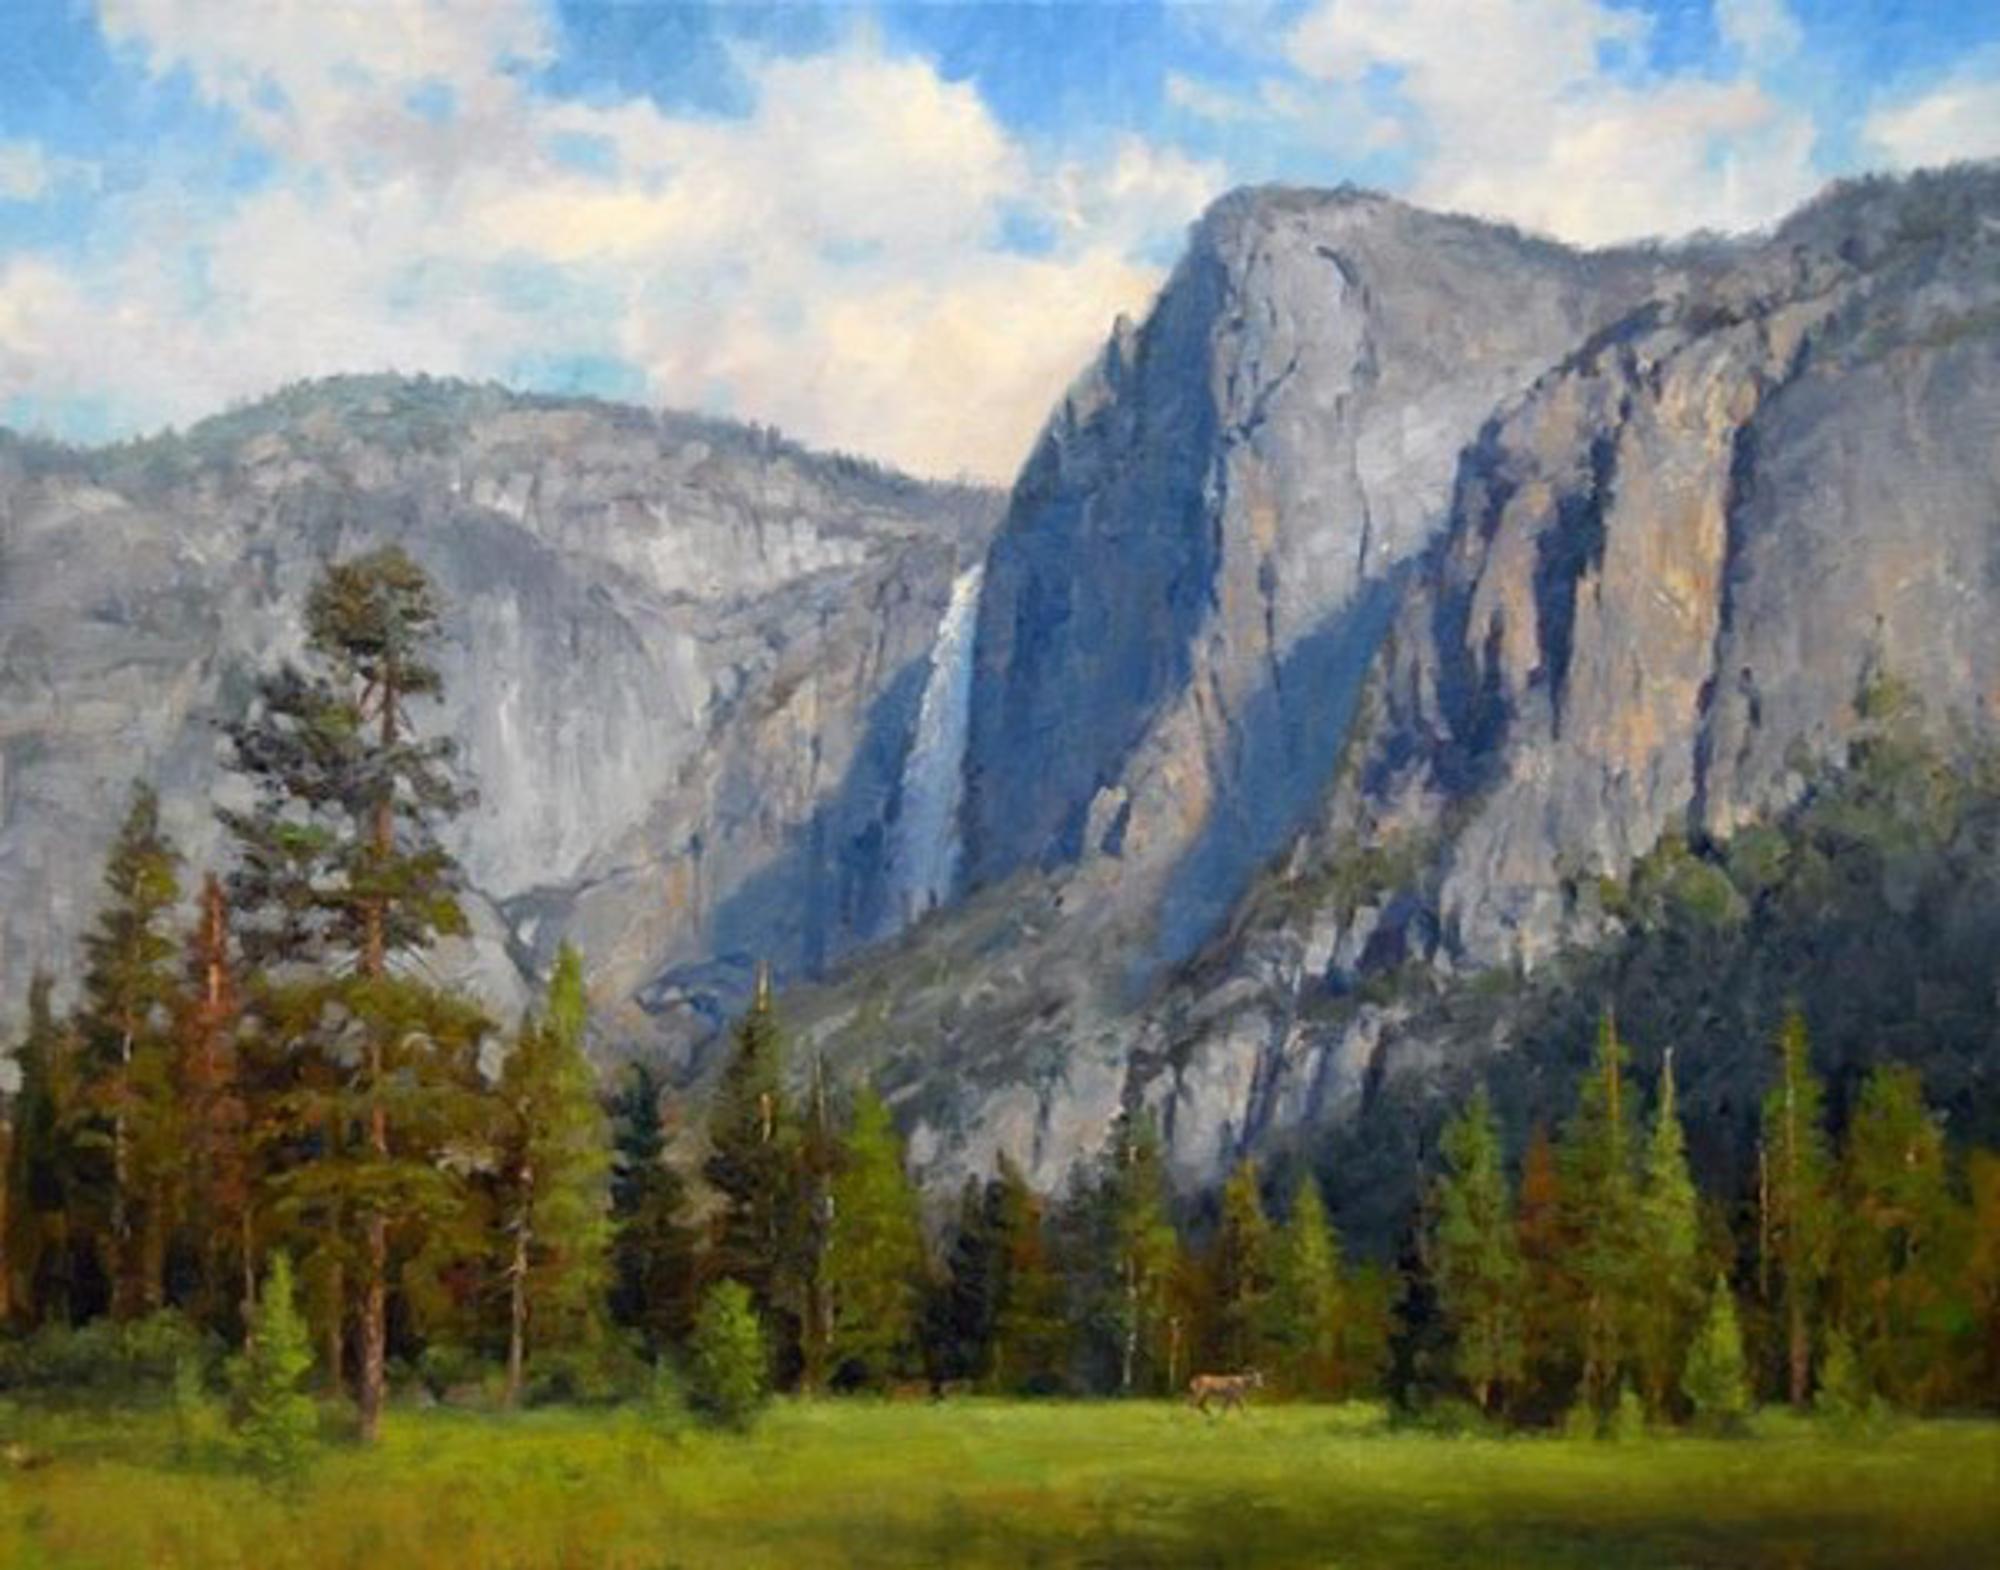 Yosemite Falls Yosemite Falls with Deer by Jim Wilcox